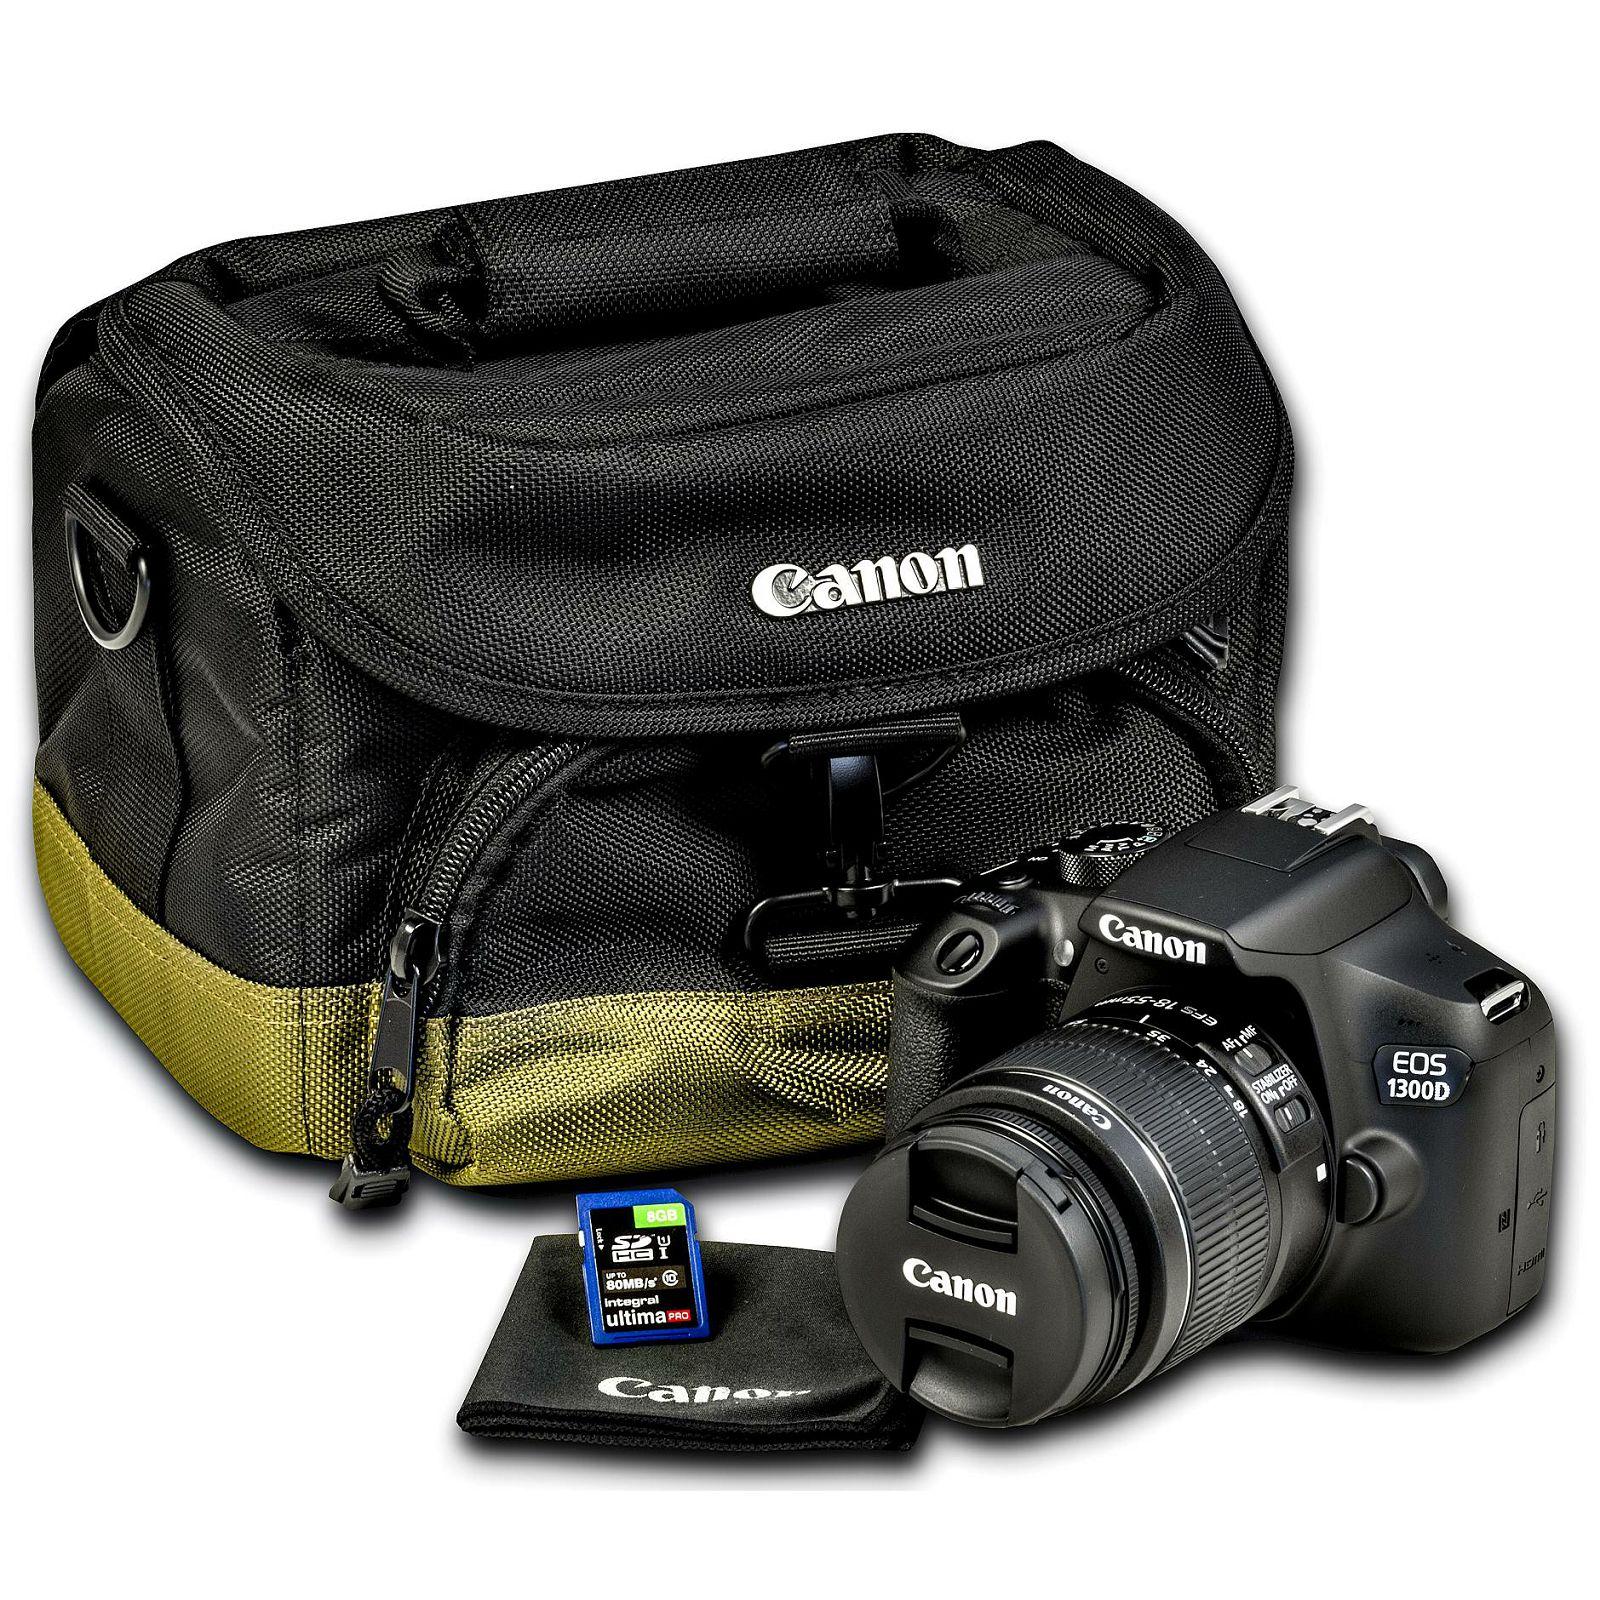 Canon Eos 1300d 18 55 Is 100eg 8gb Kit Dslr Digitalni Iii Fotoaparat Objektiv Ef S 55mm F35 56 Torba I Memorijska Kartica 1160c064aa